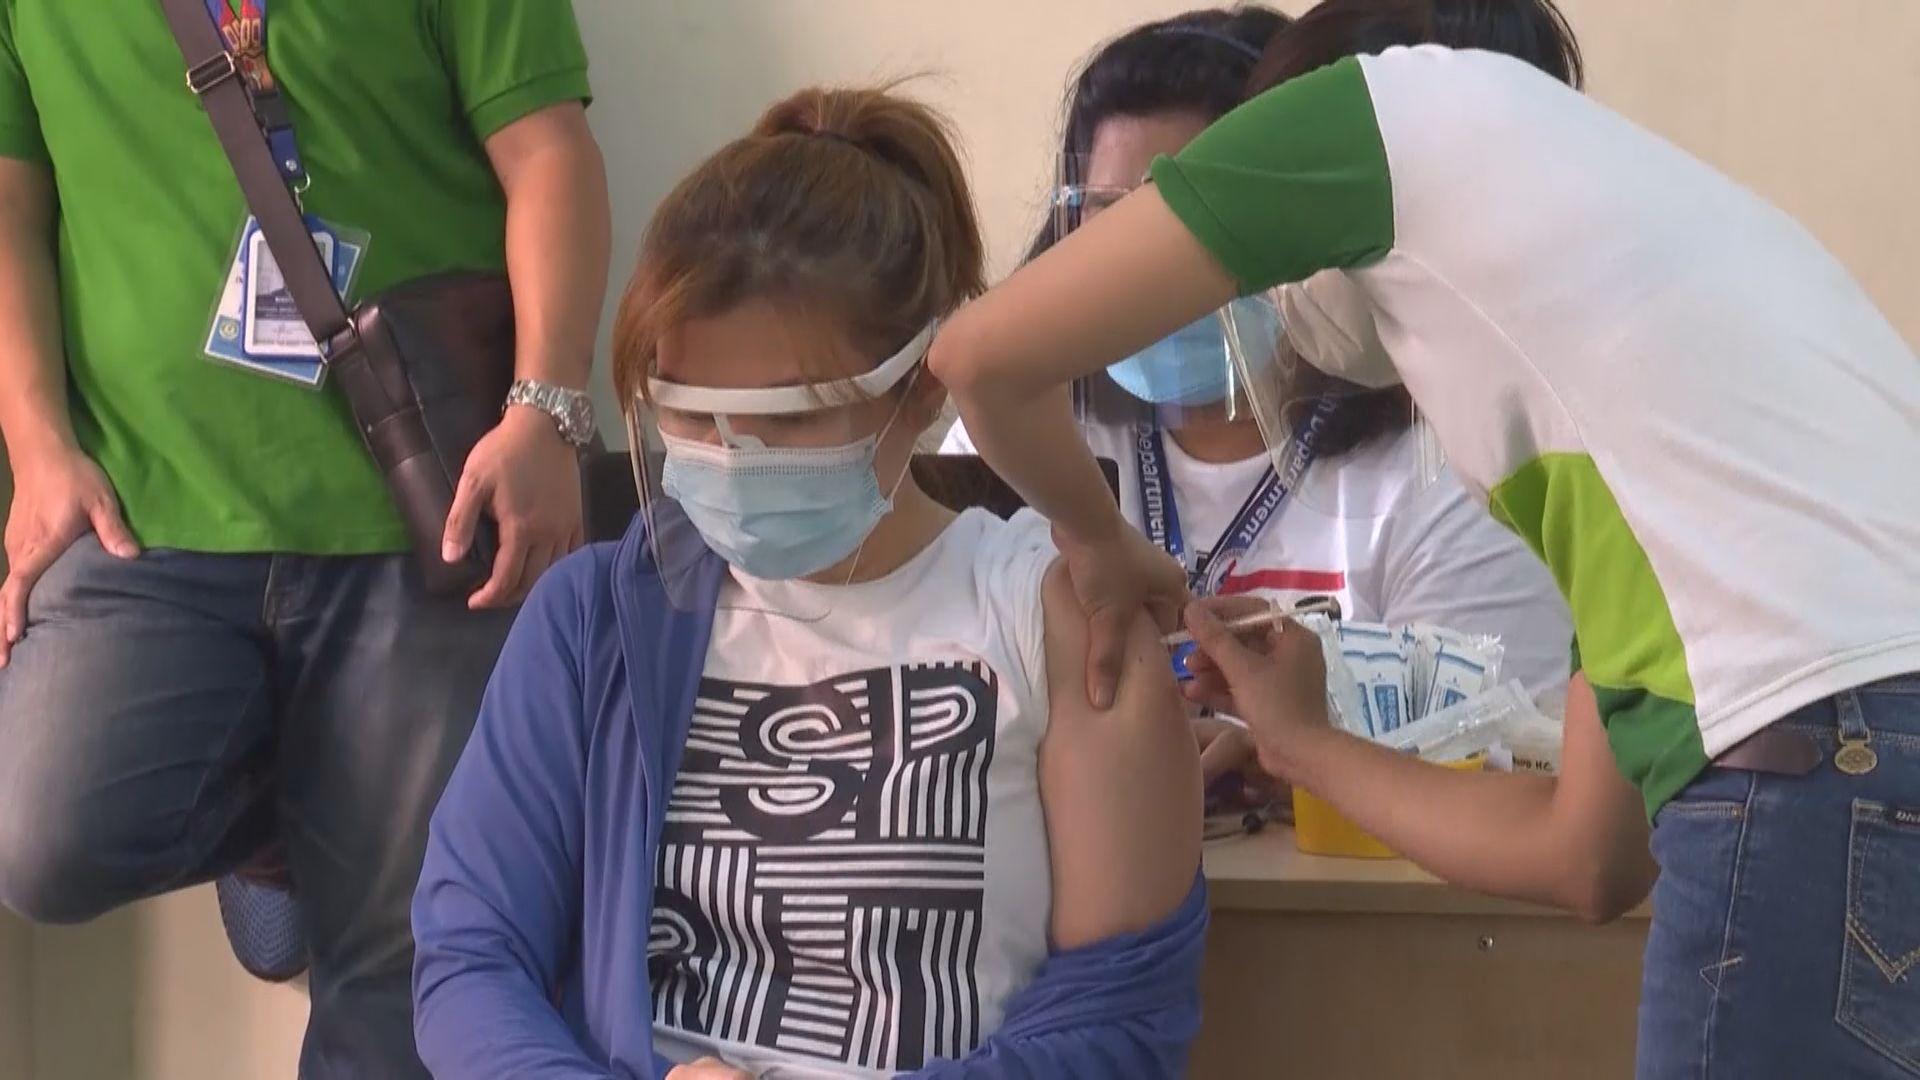 菲律賓總統:不接種新冠疫苗有可能要收監